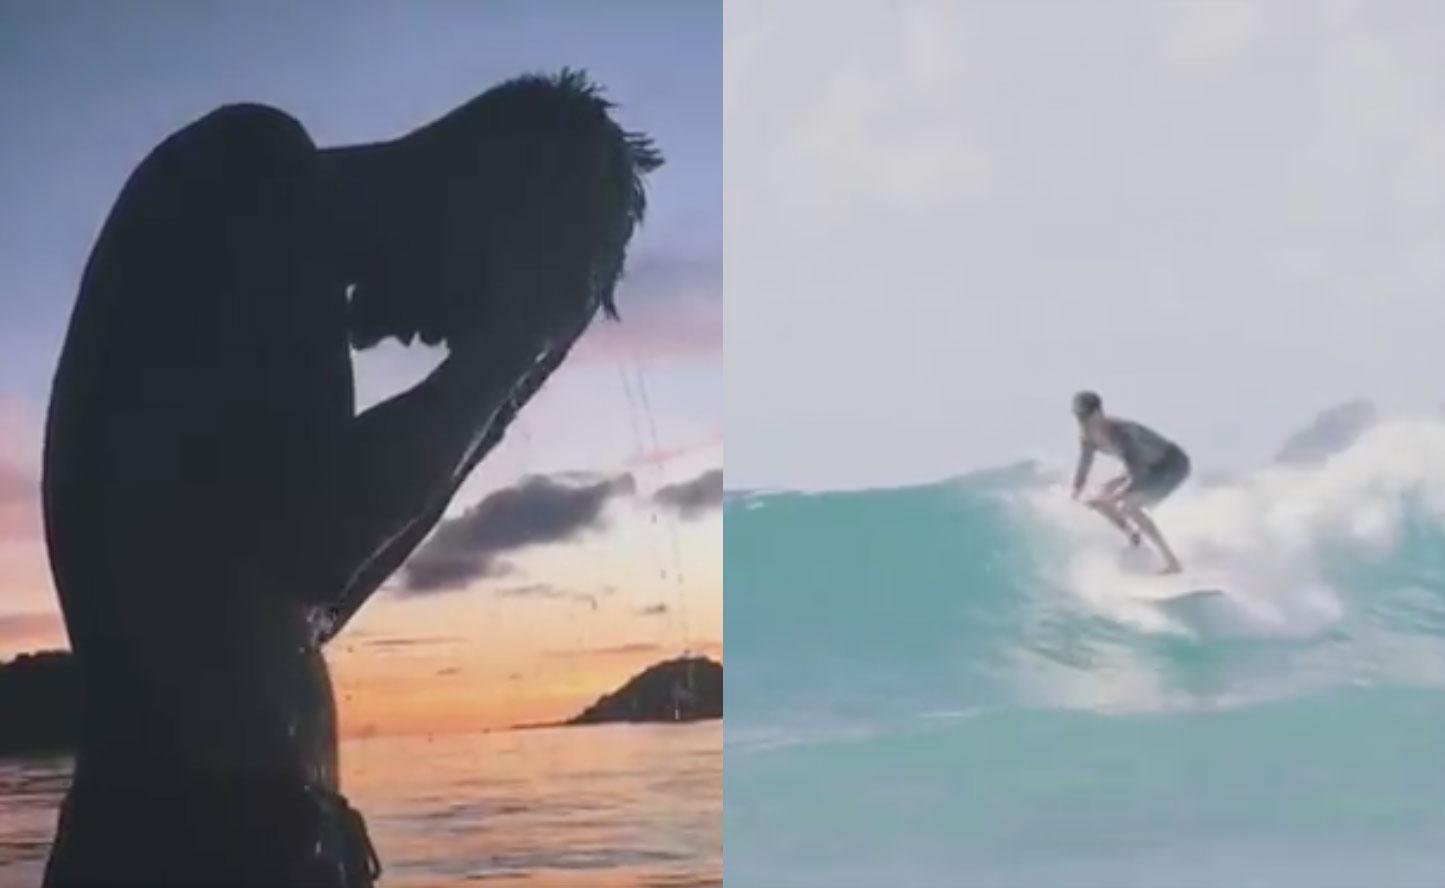 夢幻夫妻檔「王陽明與蔡詩蕓」,即將要首次公開播放最真實最撼動人心的「EL NIDO 愛妮島夢幻旅遊紀錄」!